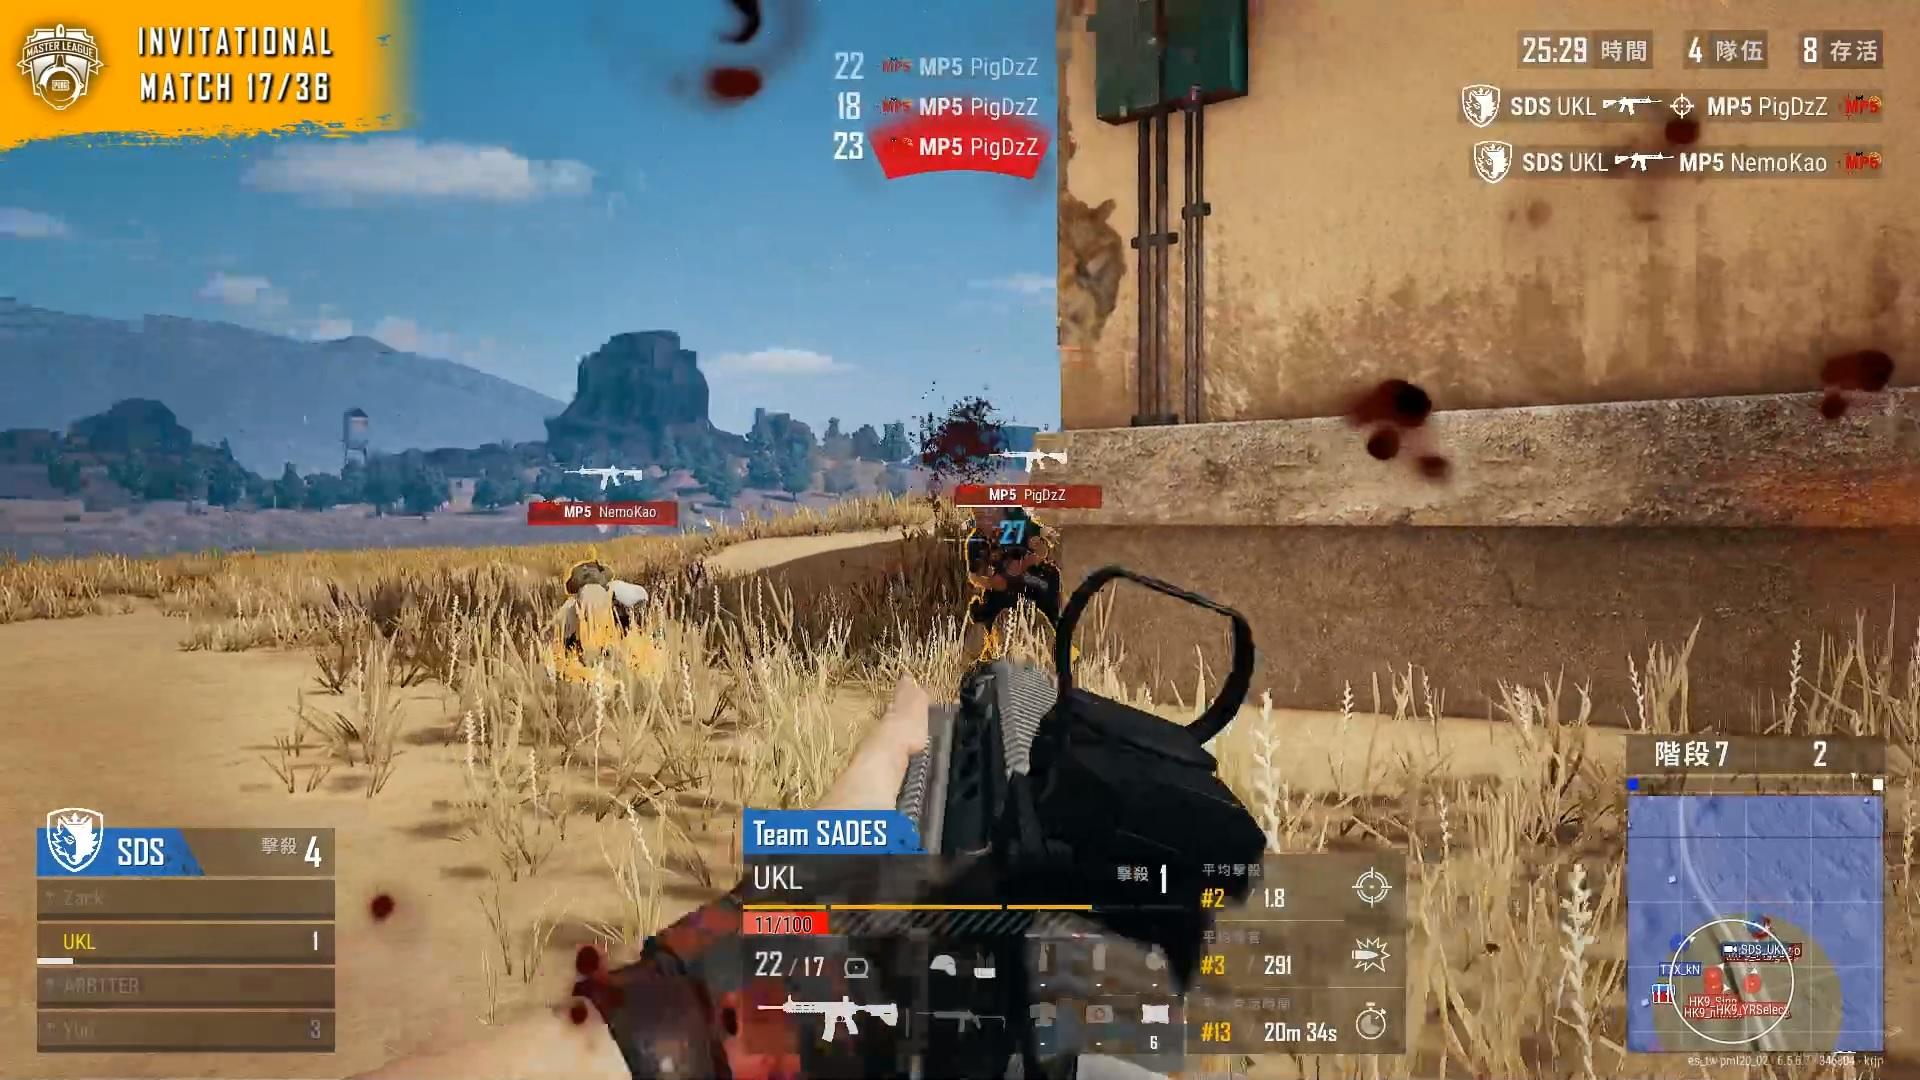 ▲SDS_UKL 一扛三並秒殺兩人的精彩瞬間。